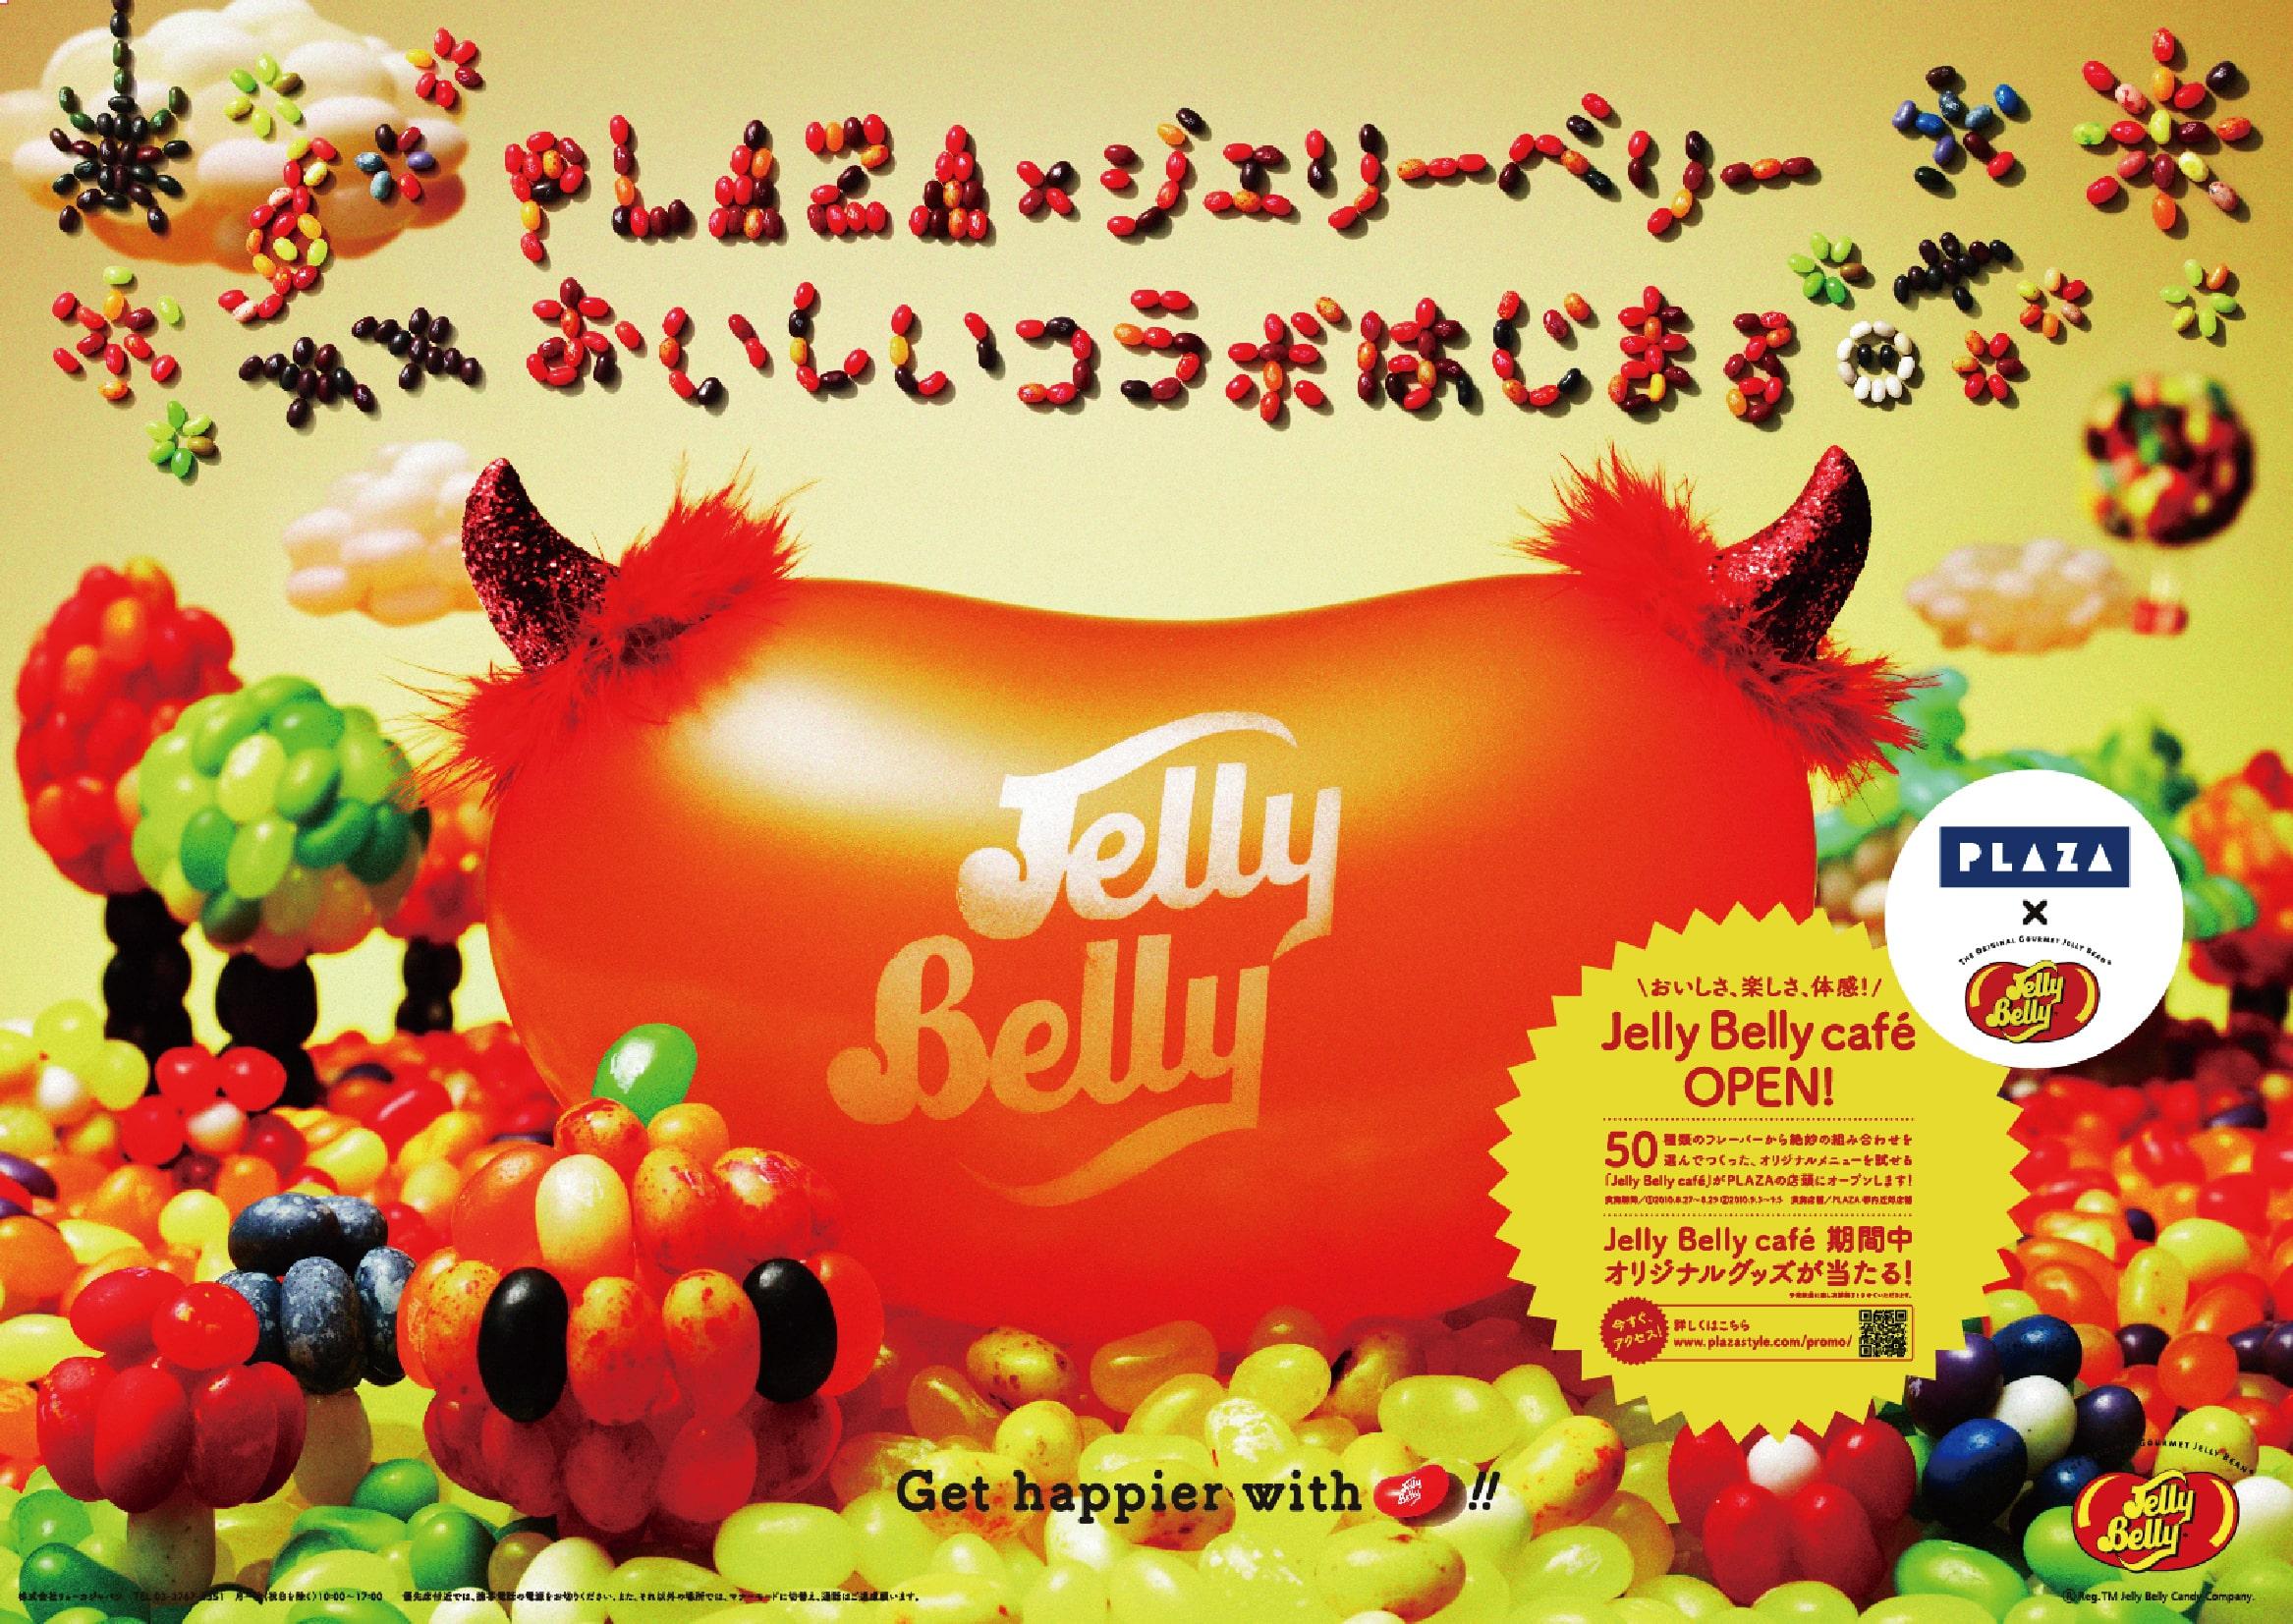 JellyBellyのポスター